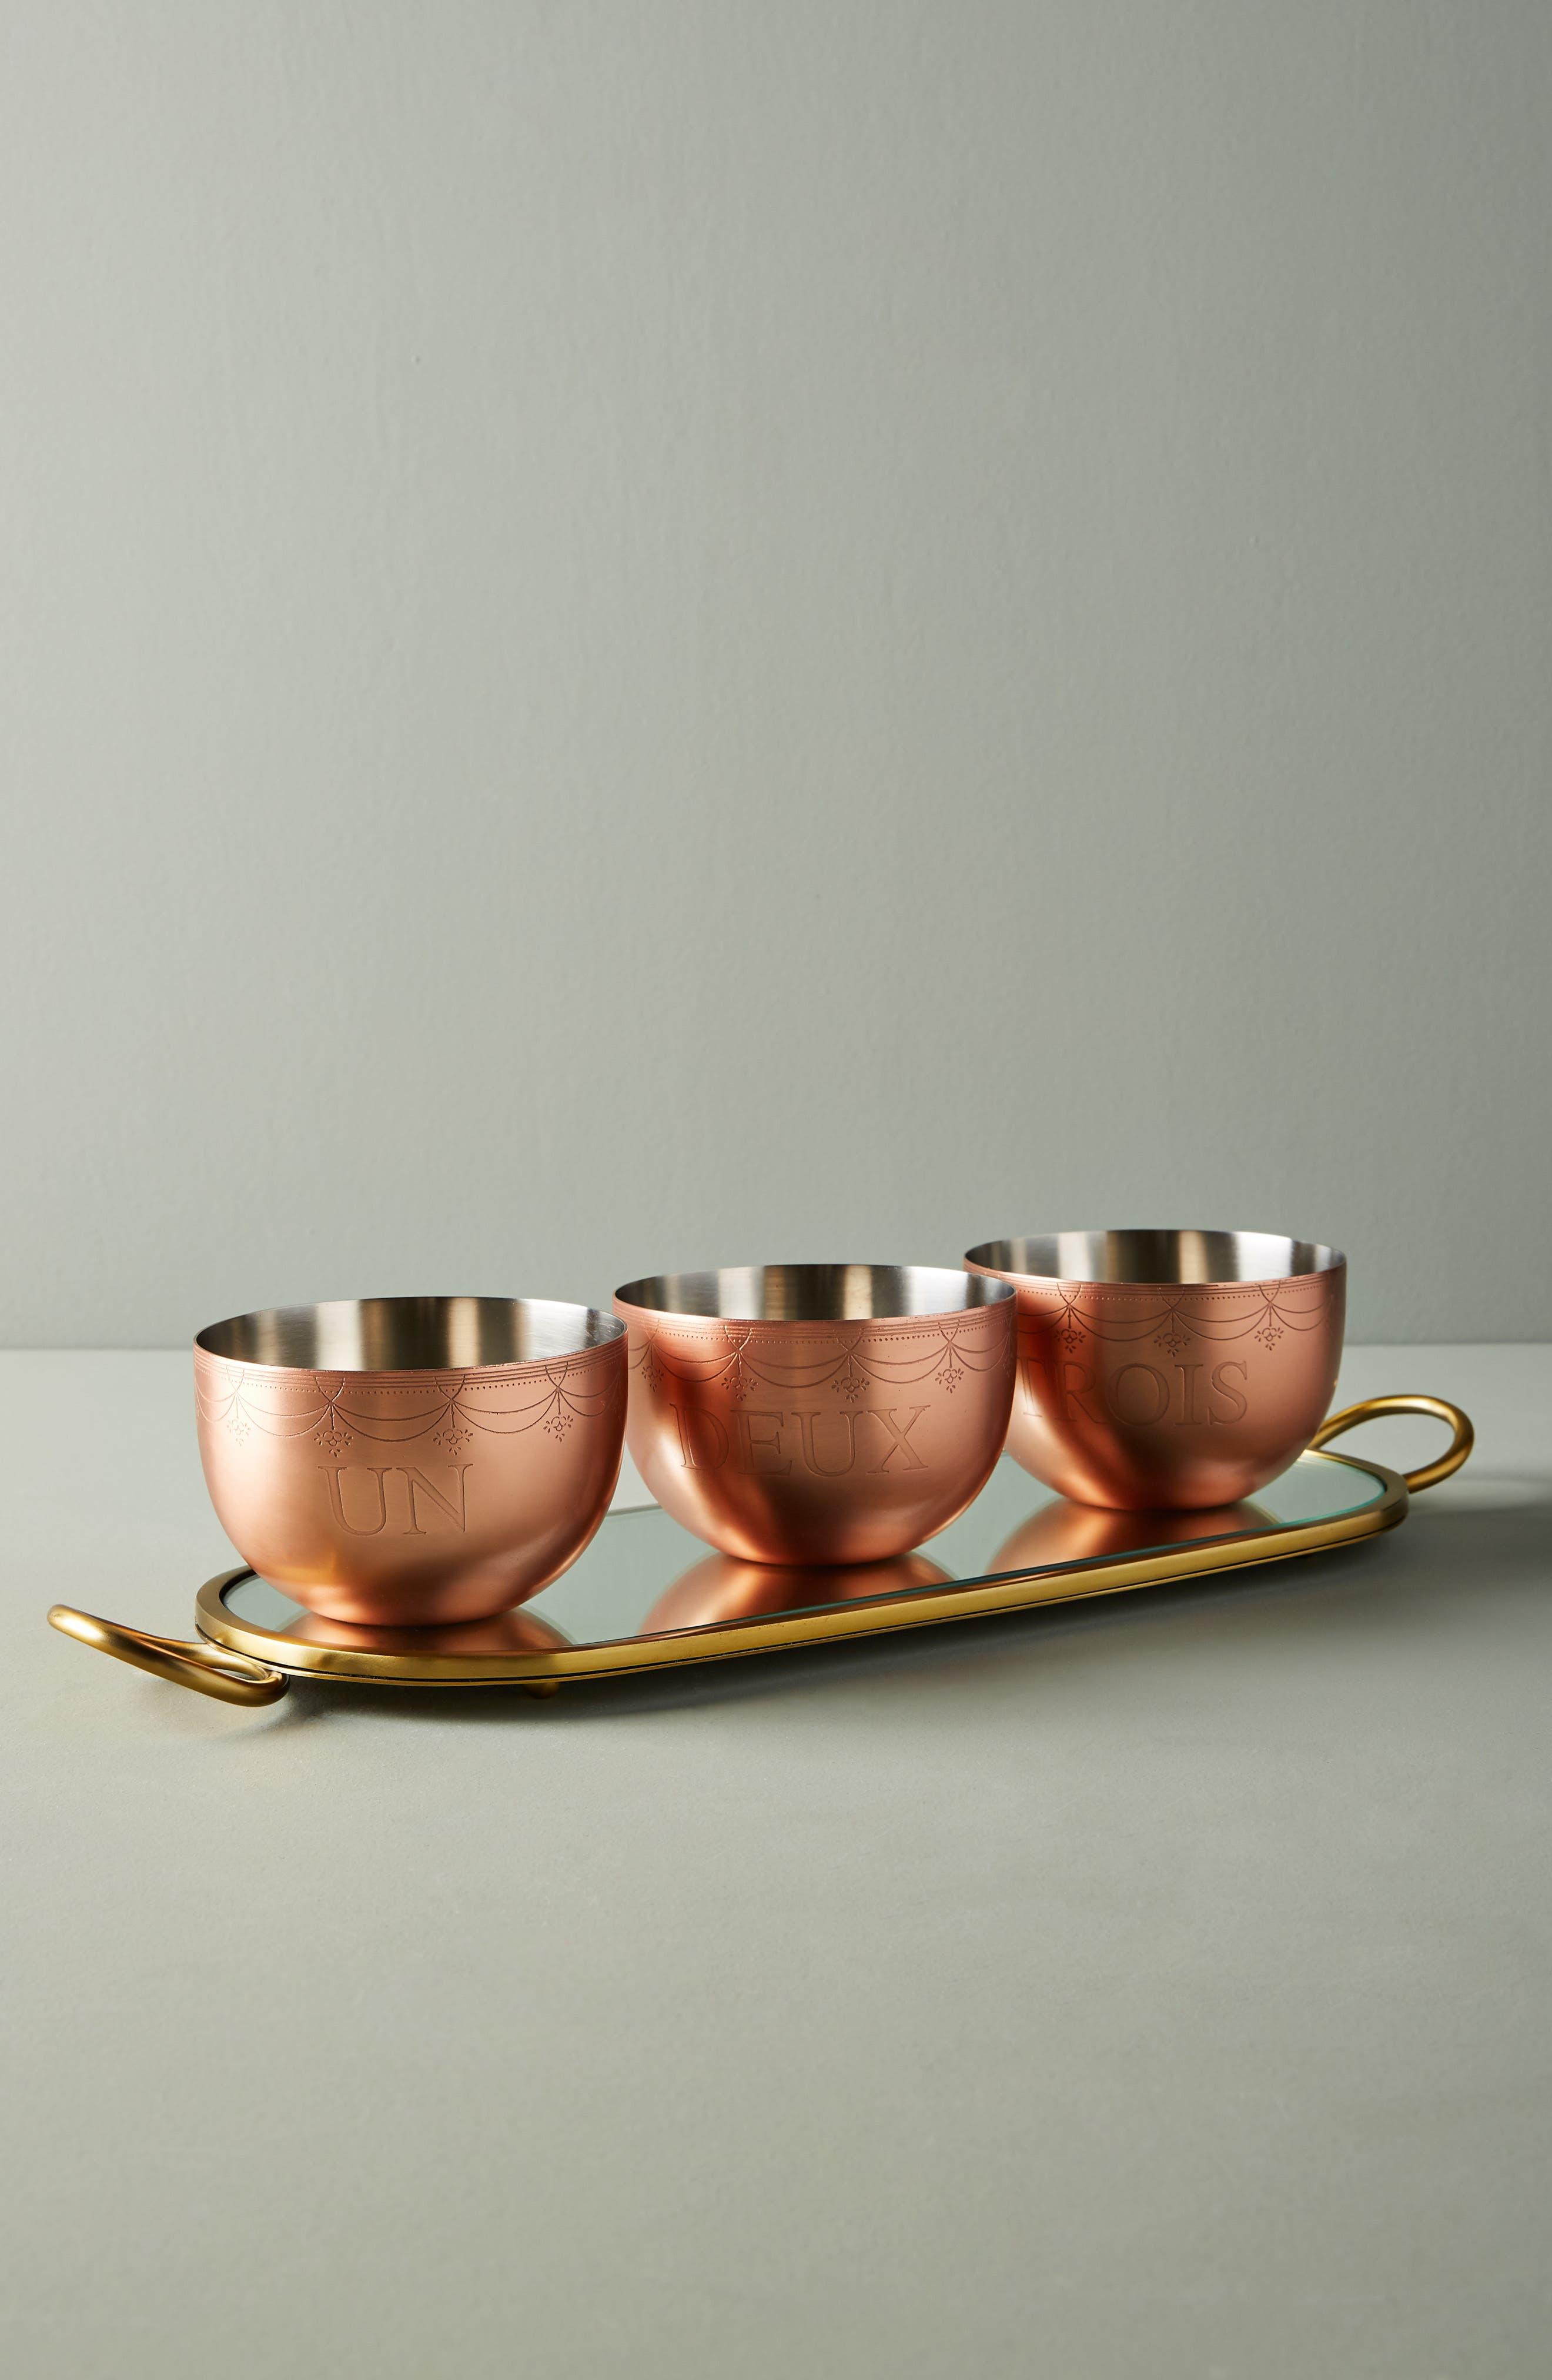 Lanna Tray & Bowl Set,                         Main,                         color, ROSE GOLD